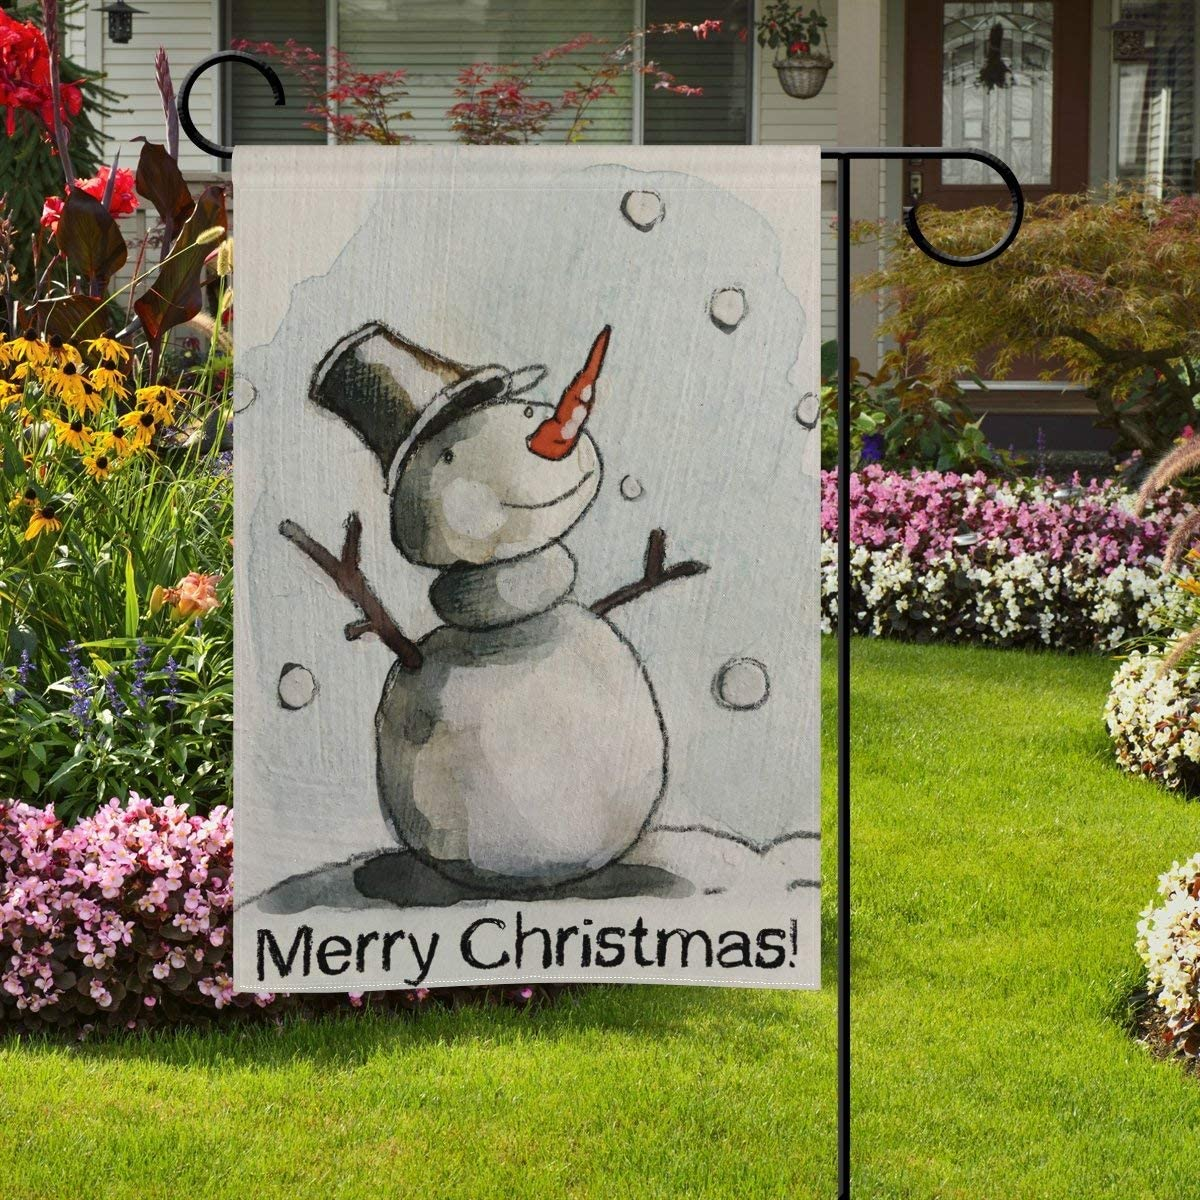 YATELI Acuarela de Doble Cara Feliz Navidad Muñeco de Nieve bajo la Nieve Que Cae Poliéster Casa Jardín Bandera Bandera 28x40 Pulgadas para Aniversario Decoración de jardín Familiar: Amazon.es: Jardín